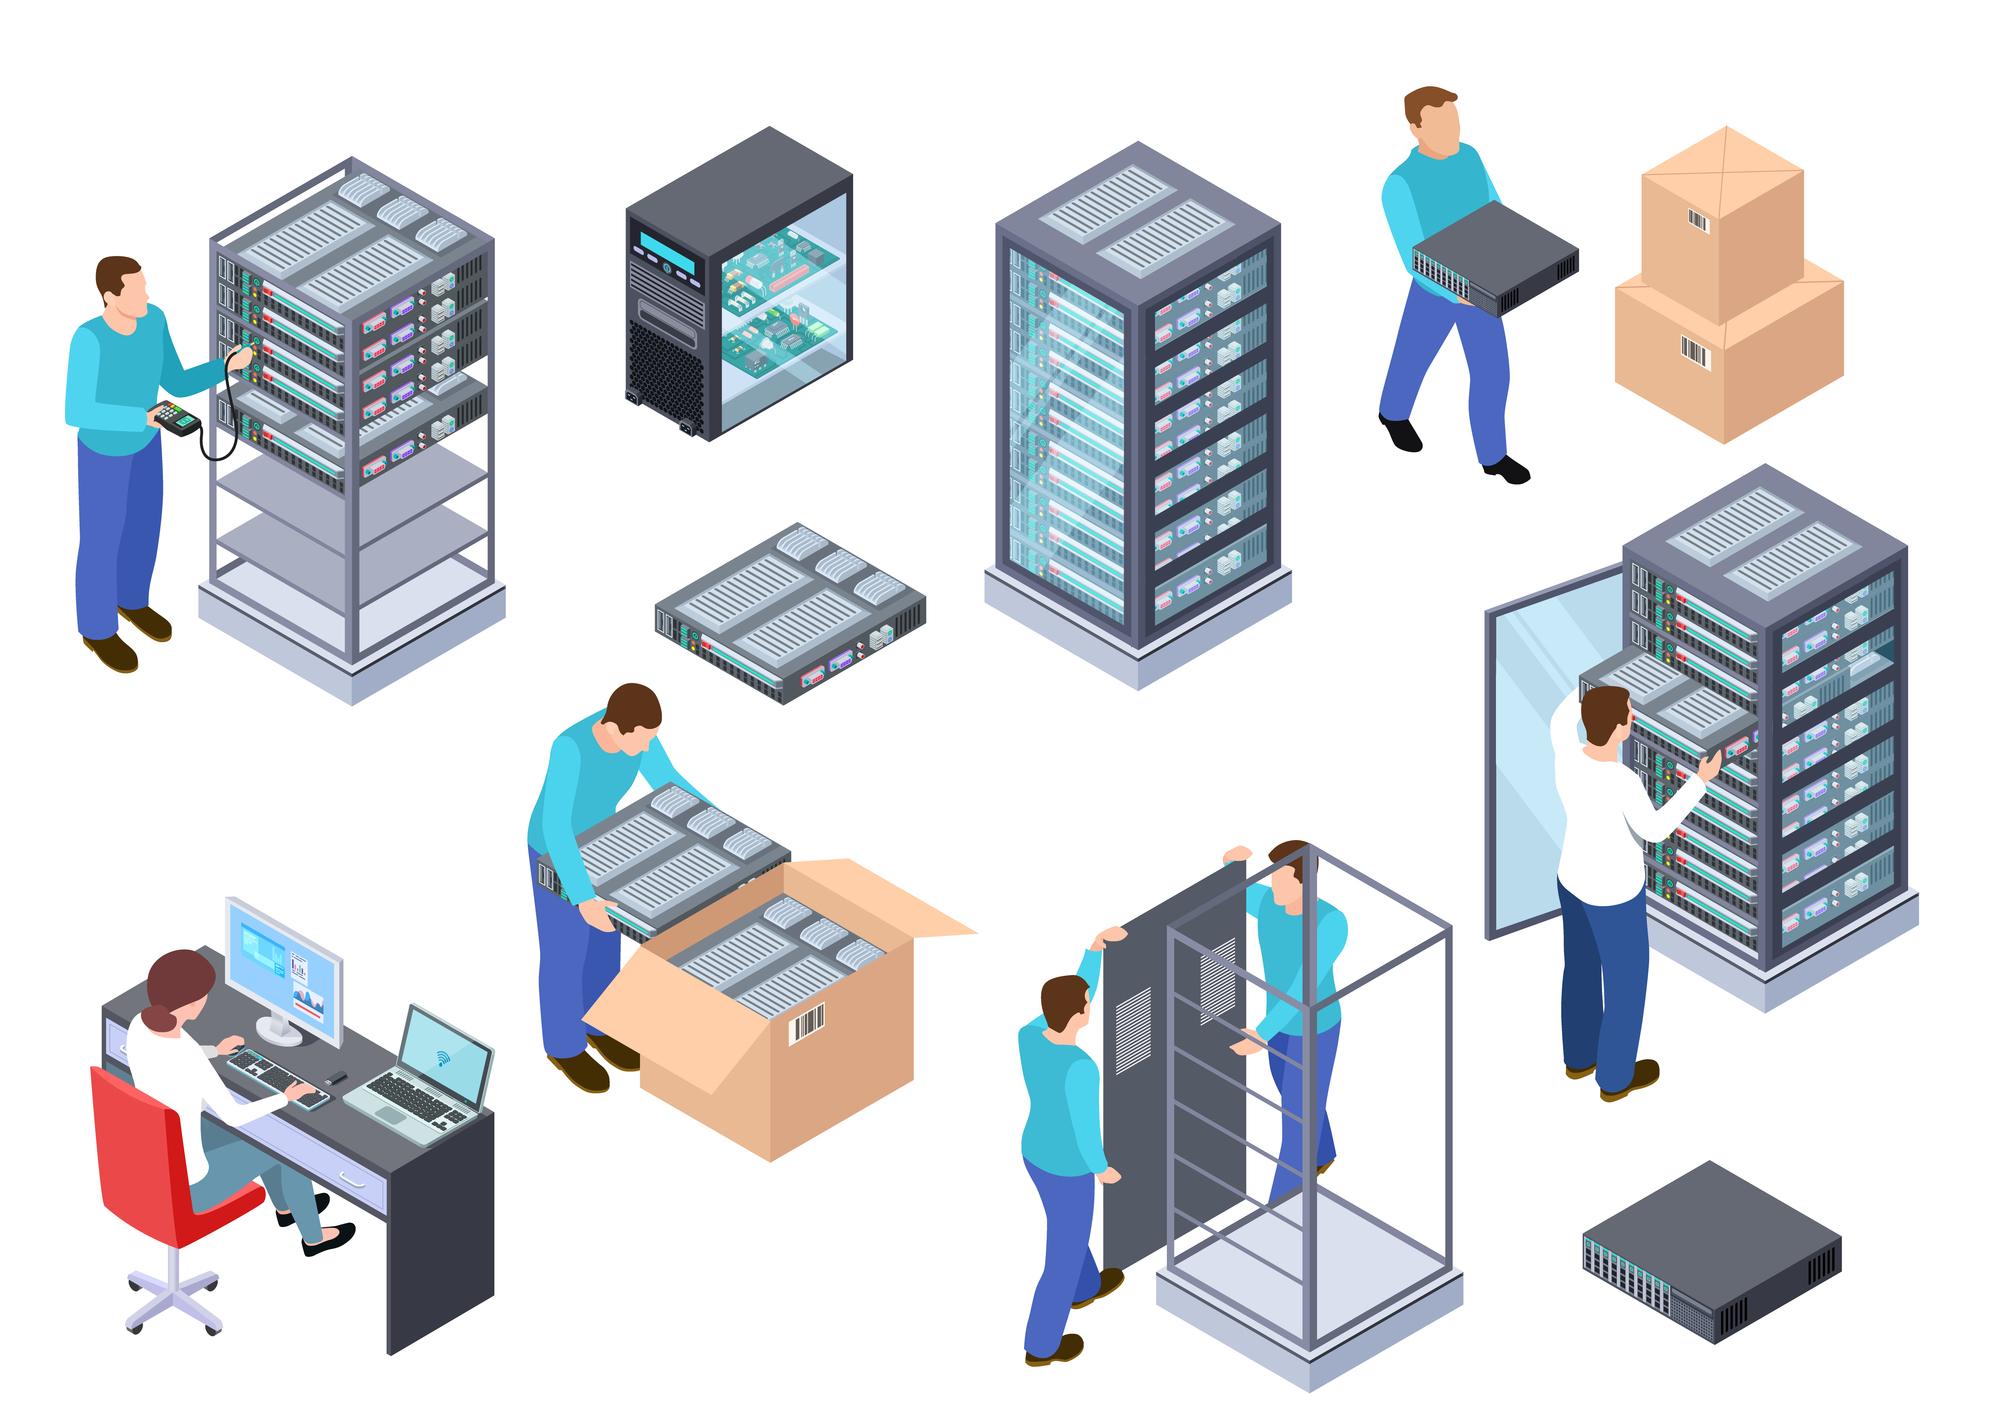 システム開発におけるテスト環境について解説!テストの流れ5ステップのアイキャッチイメージ